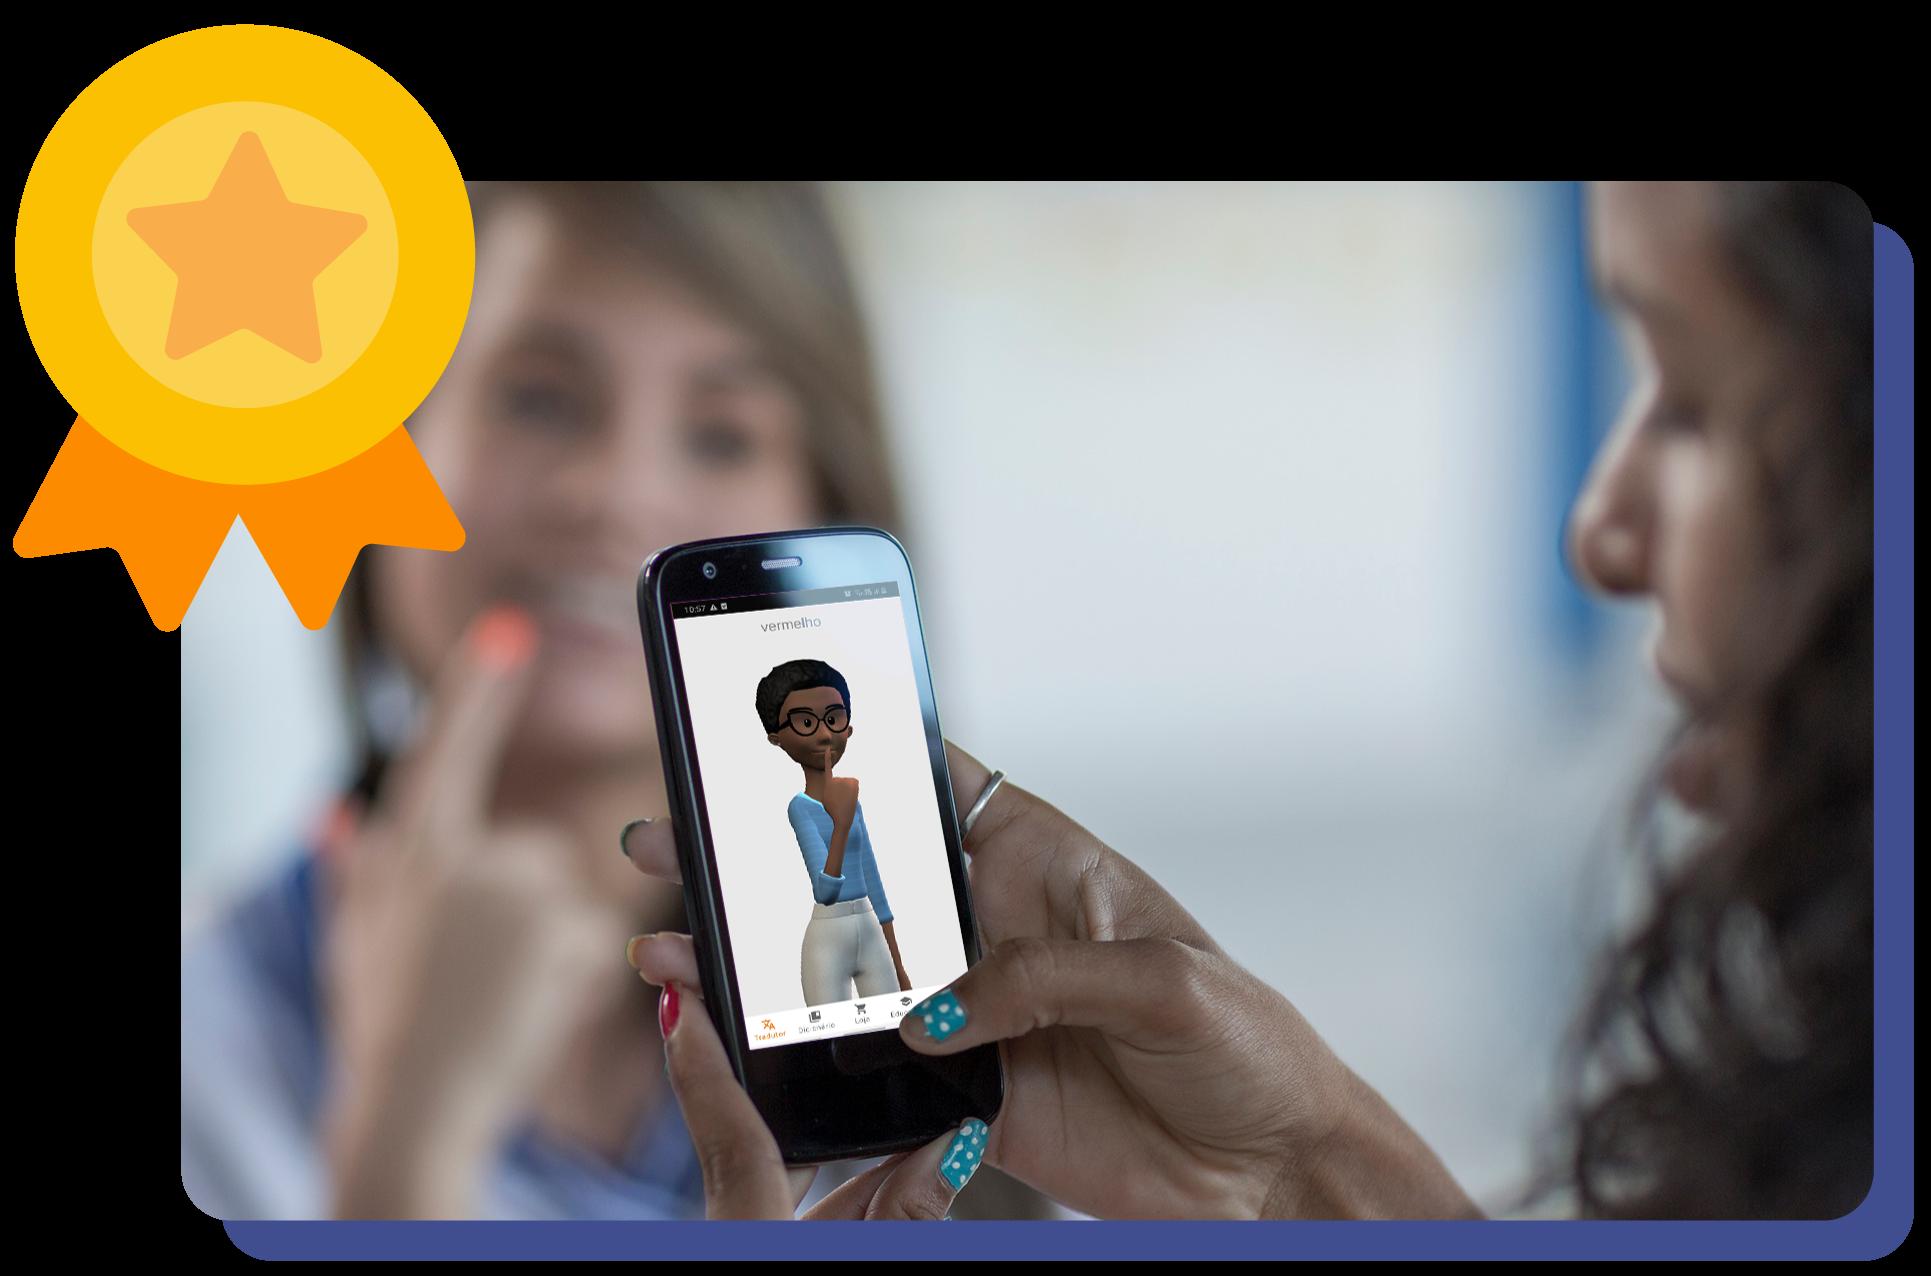 Foto de duas pessoas. Uma delas está olhando para um celular com o aplicativo da Hand Talk aberto. No canto superior esquerdo existe um selo de ouro.